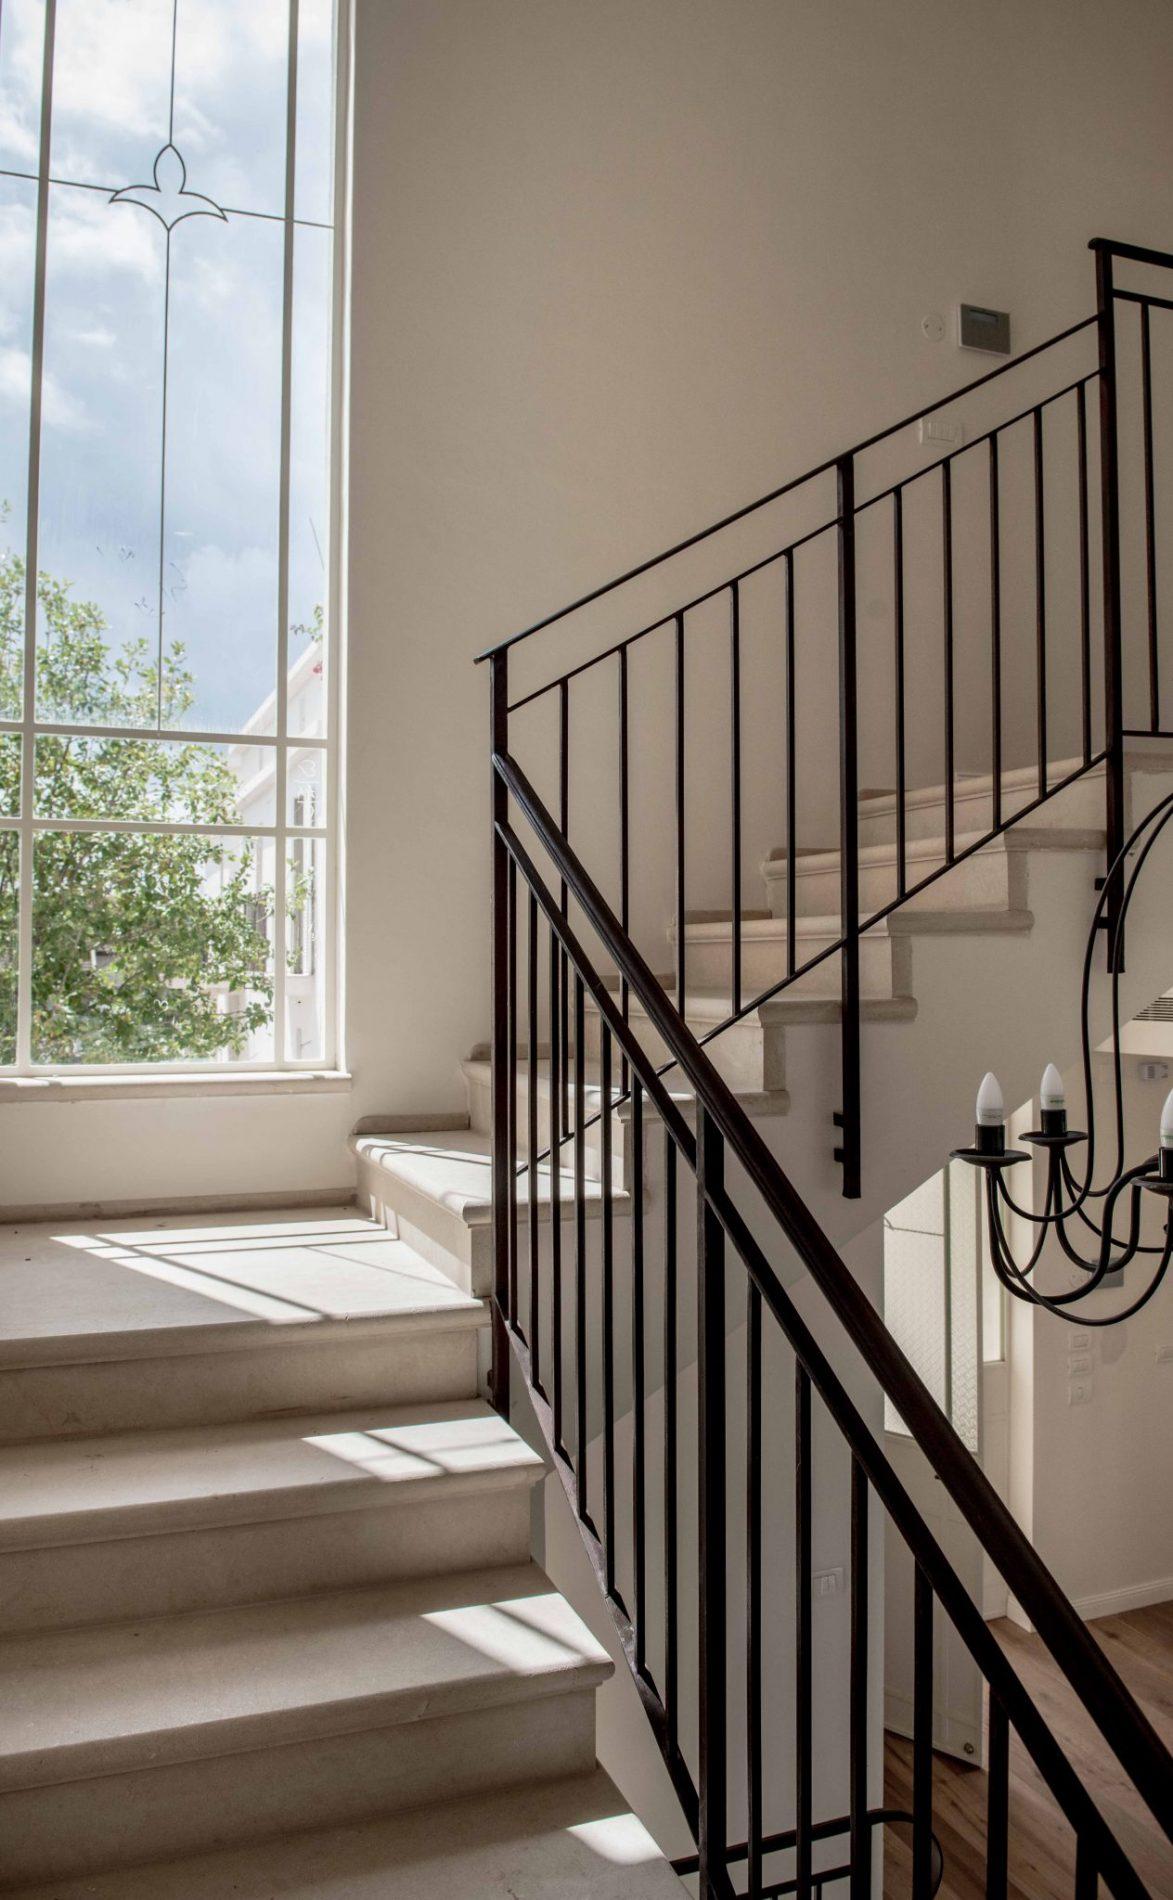 חלון פרופיל בלגי ארוך מלווה את גרם המדרגות